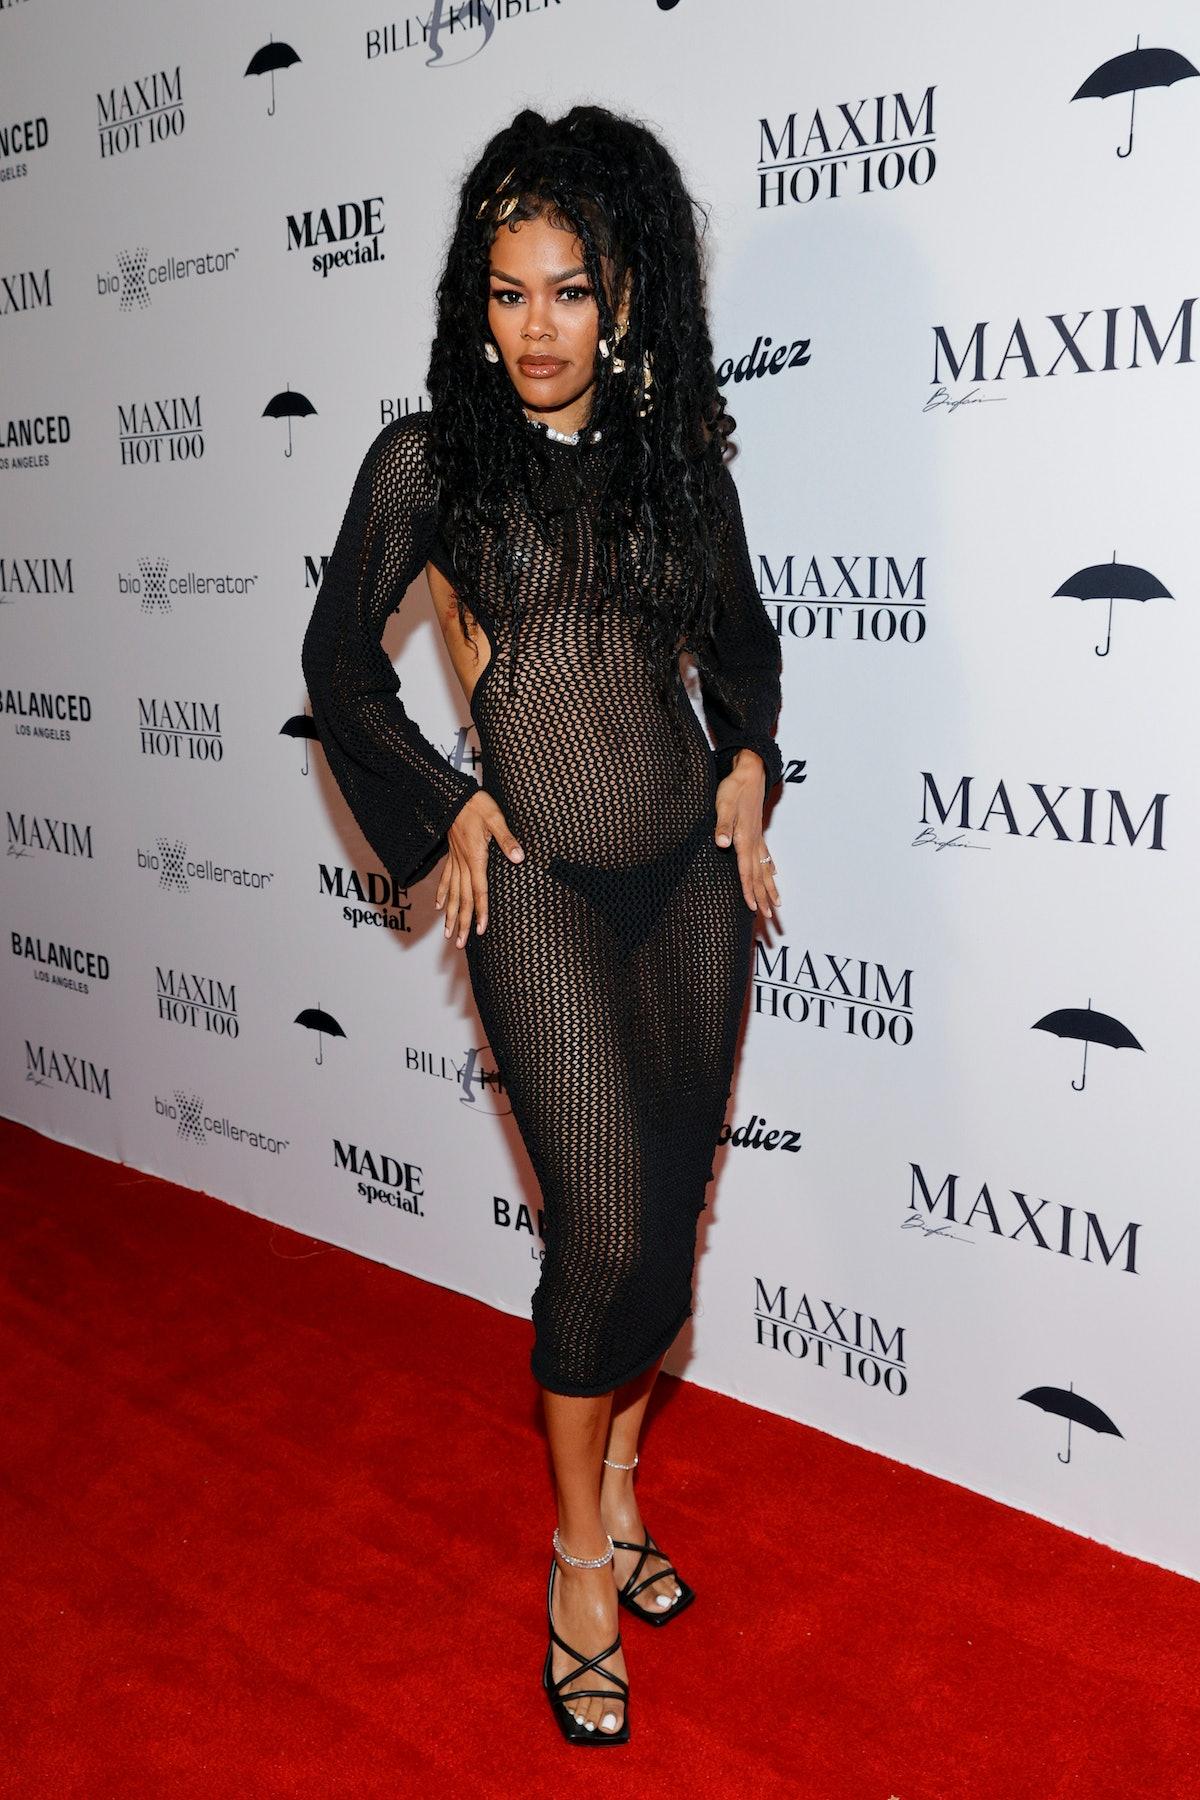 تیانا تیلور در رویداد Maxim Hot 100 جشن می گیرد که جشن تیانا تیلور را برگزار می کند ، توسط MADE special ، در Th ...